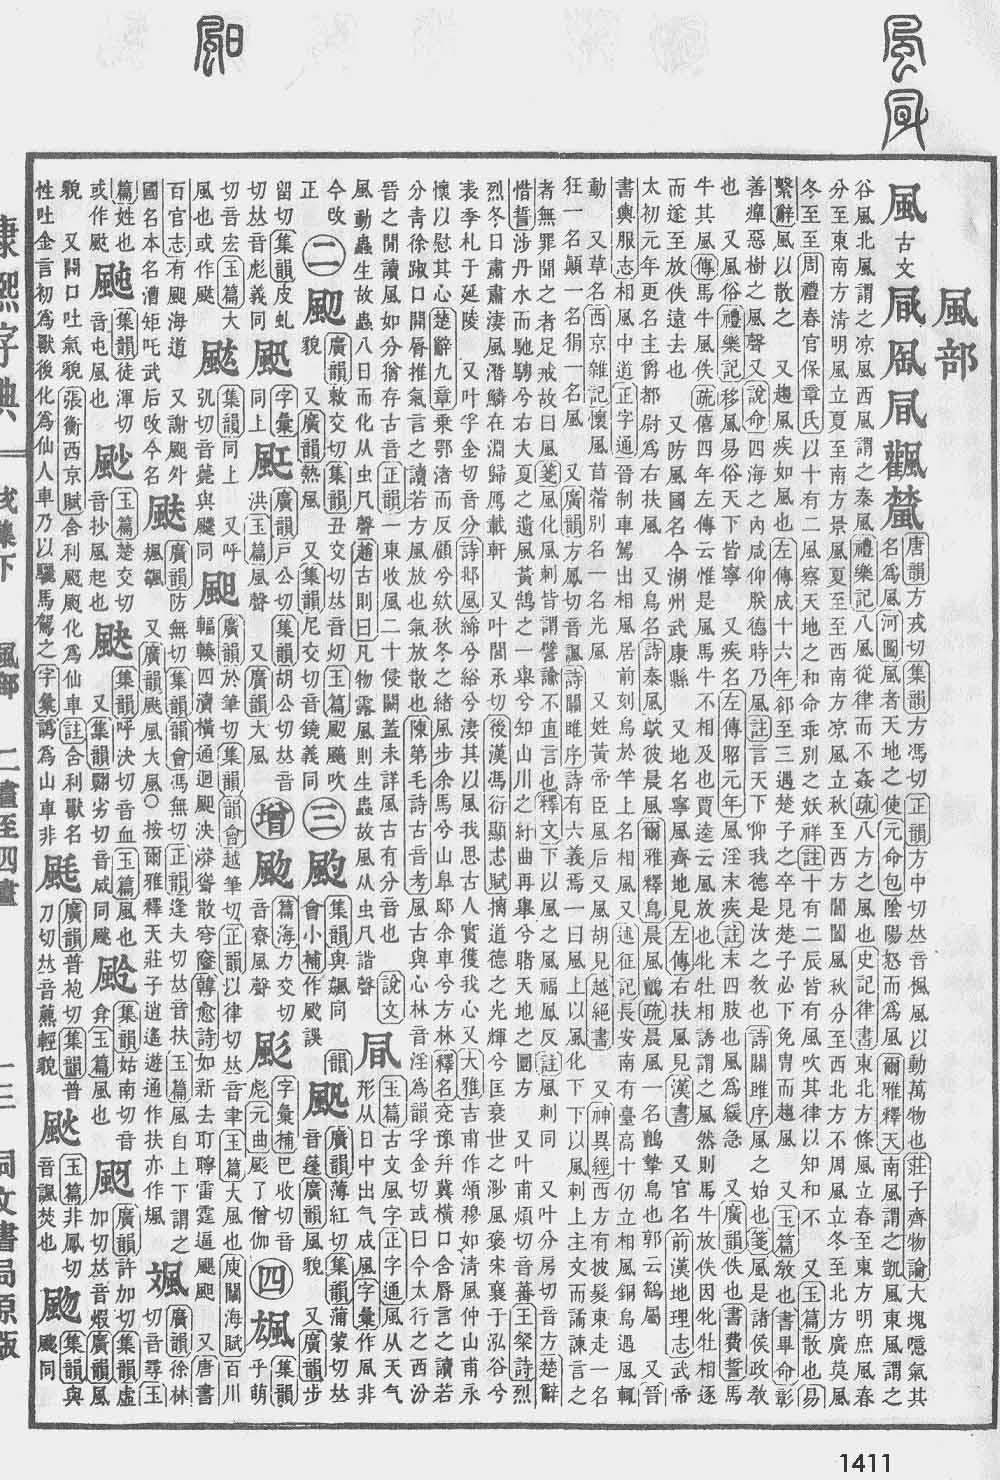 《康熙字典》第1411页